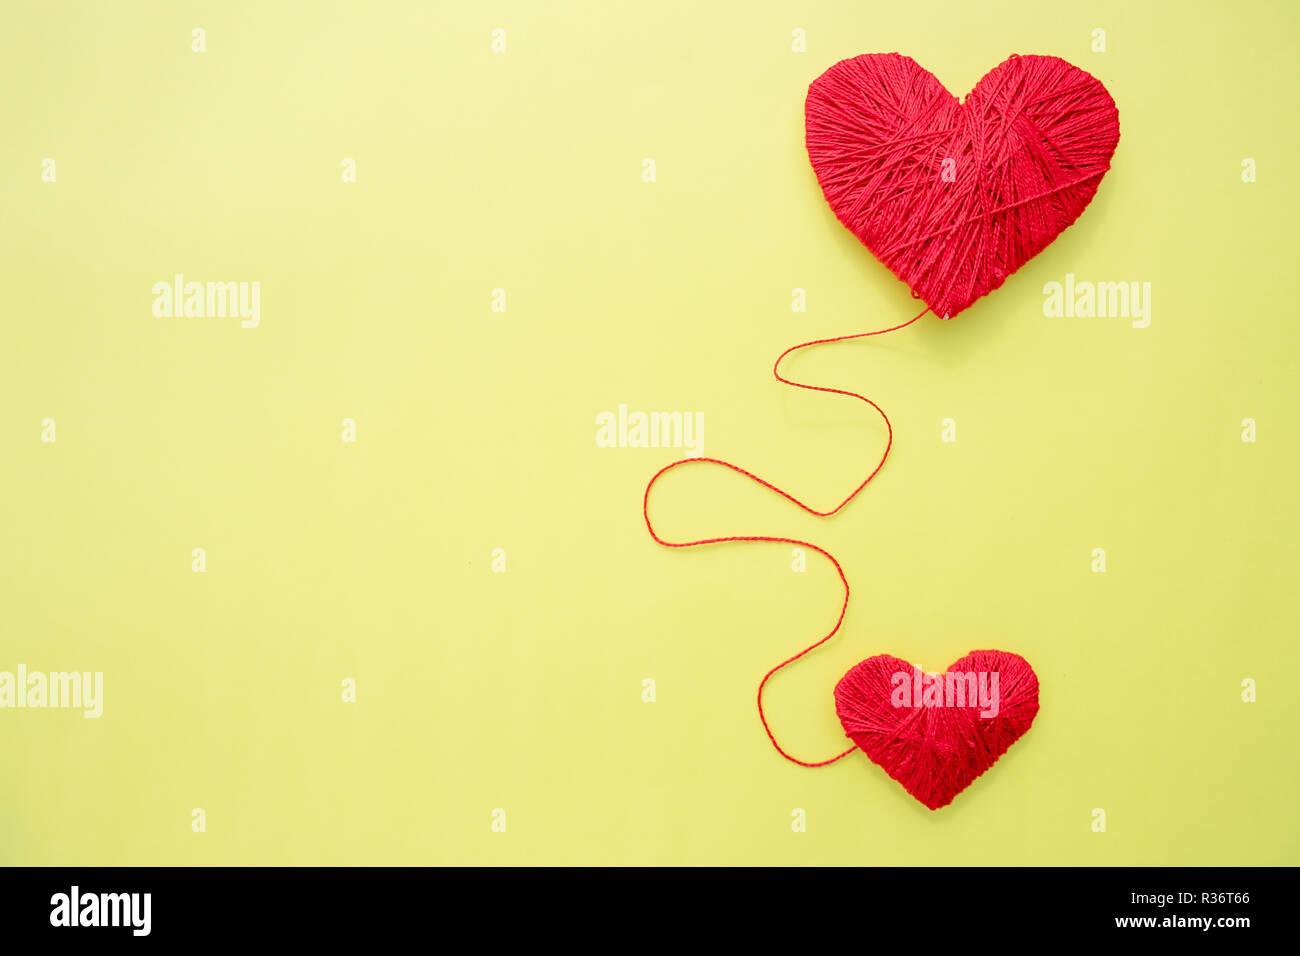 Rotes Herz Form Symbol Aus Wolle Auf Gelben Hintergrund Isoliert